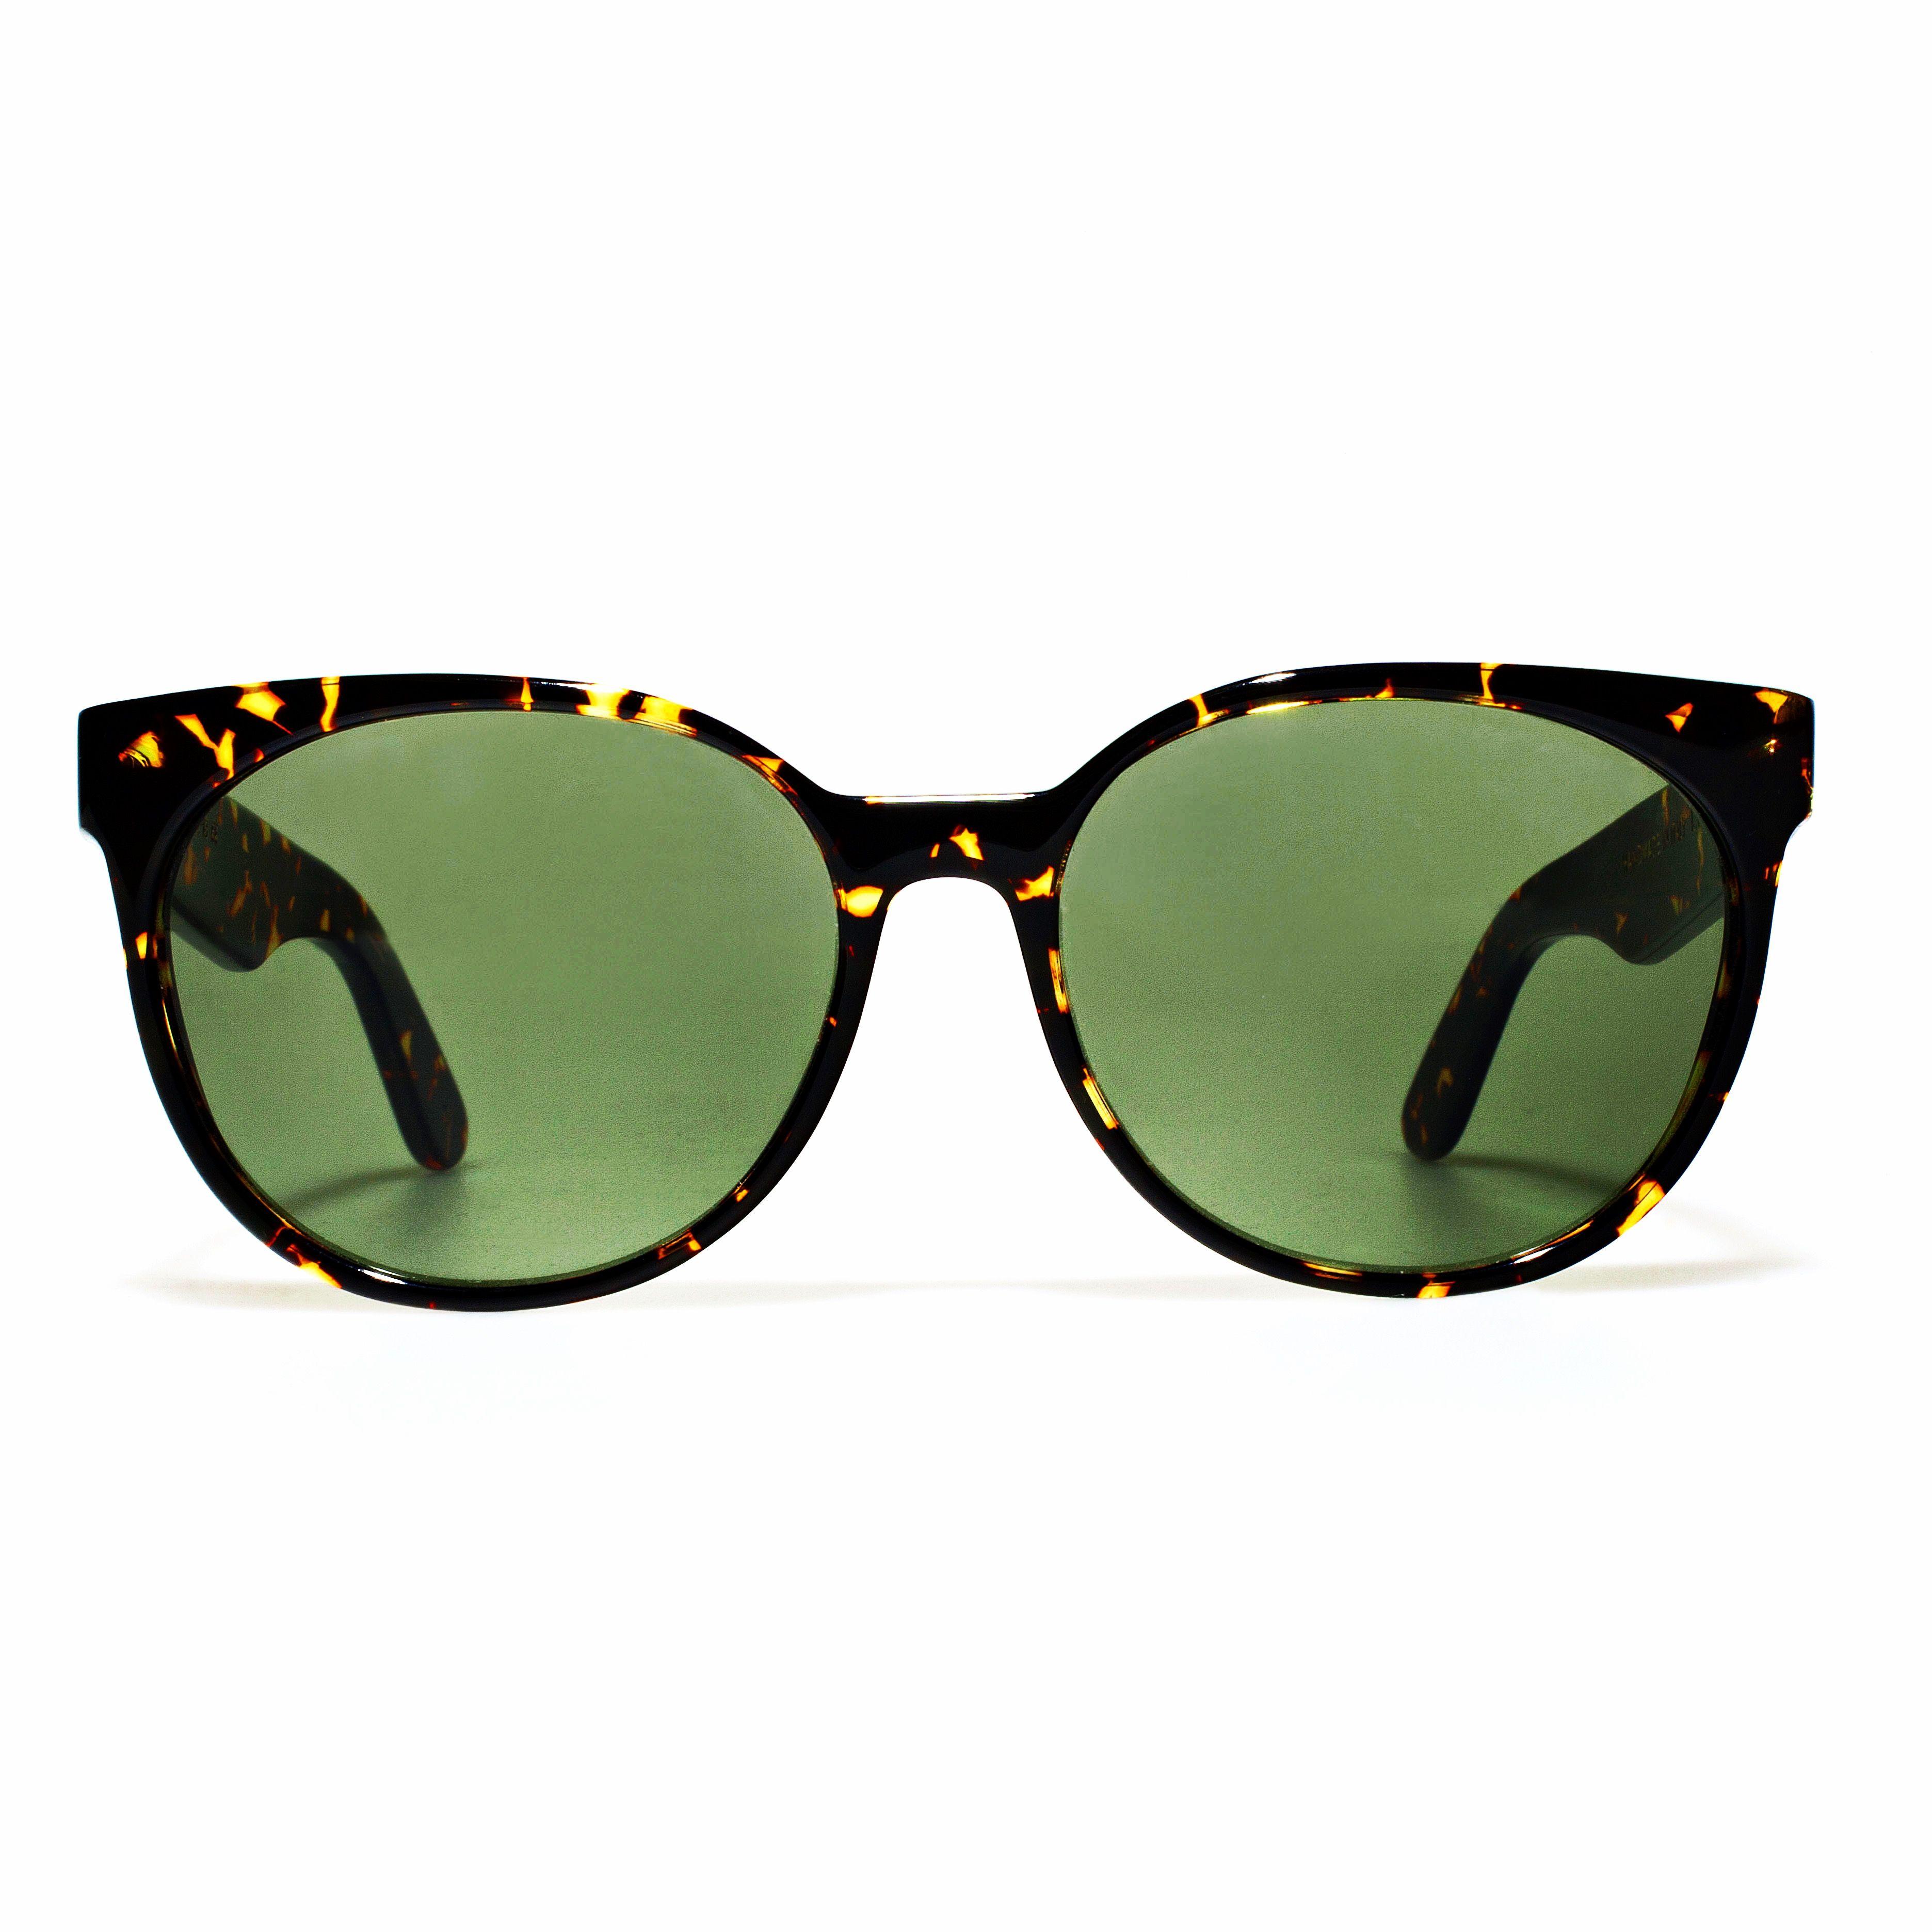 L.G.R. sunglasses mod. NAIROBI